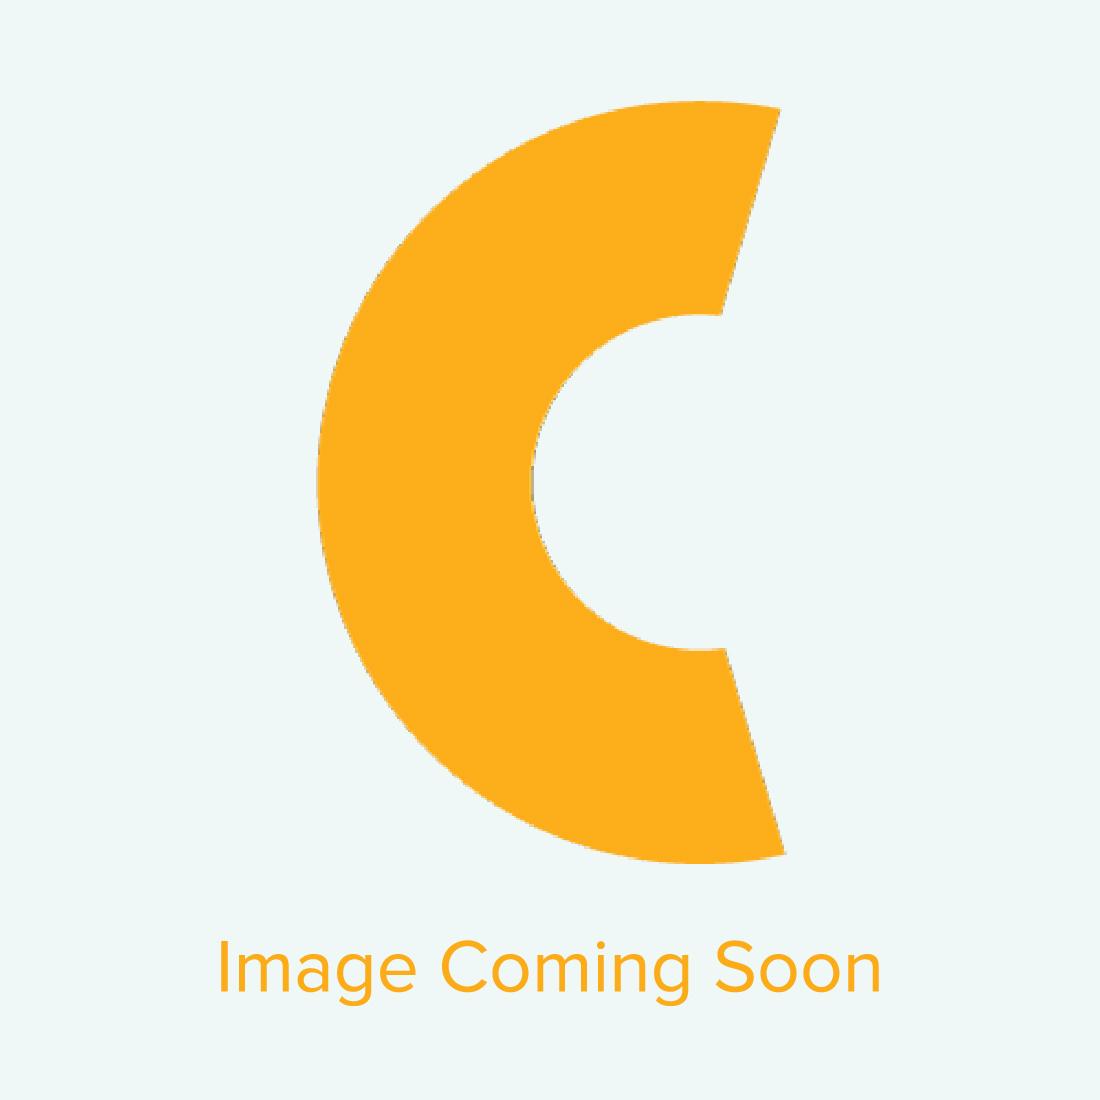 OKI Data C711WT Replacement Toner Cartridges